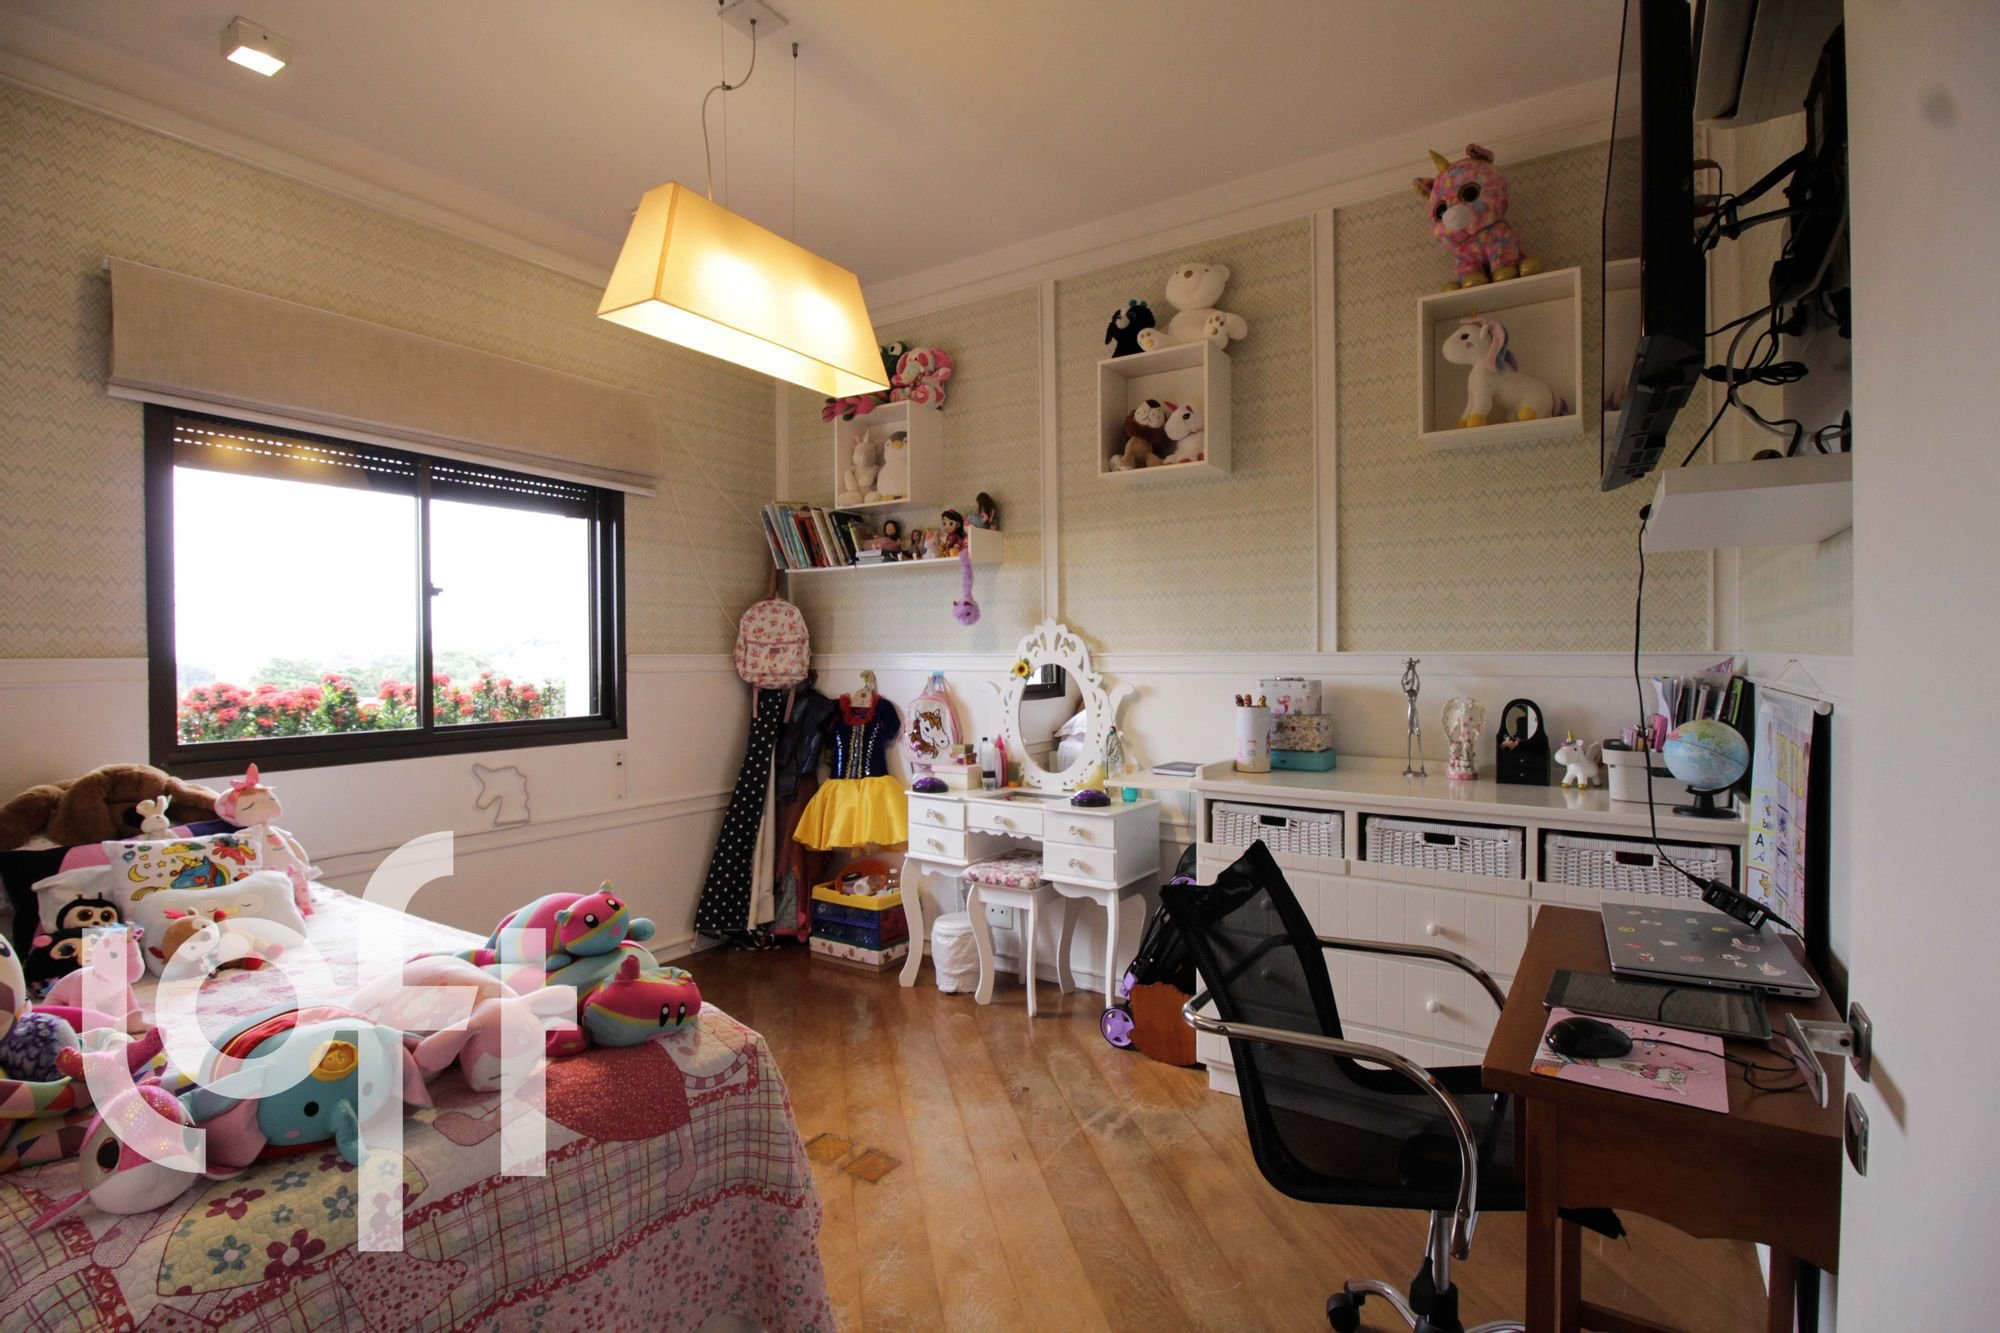 Foto de Quarto com computador portátil, mouse, cadeira